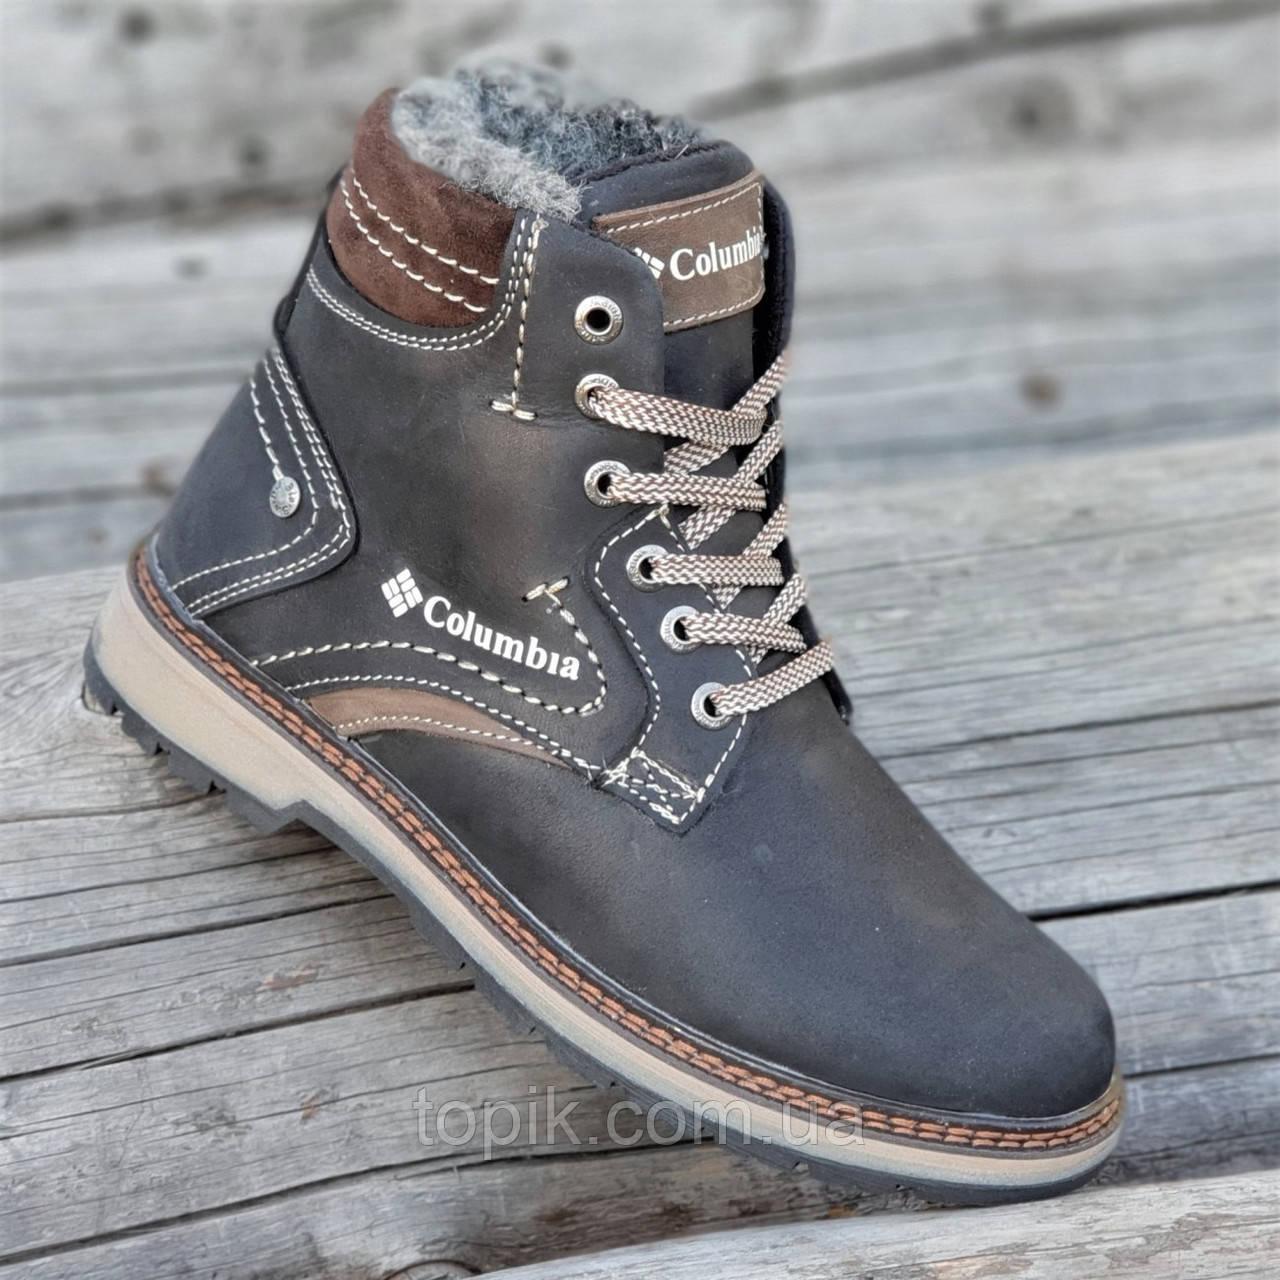 Подростковые зимние ботинки для мальчика, на шнурках и молнии кожаные черные прошиты на меху (Код: 1291)